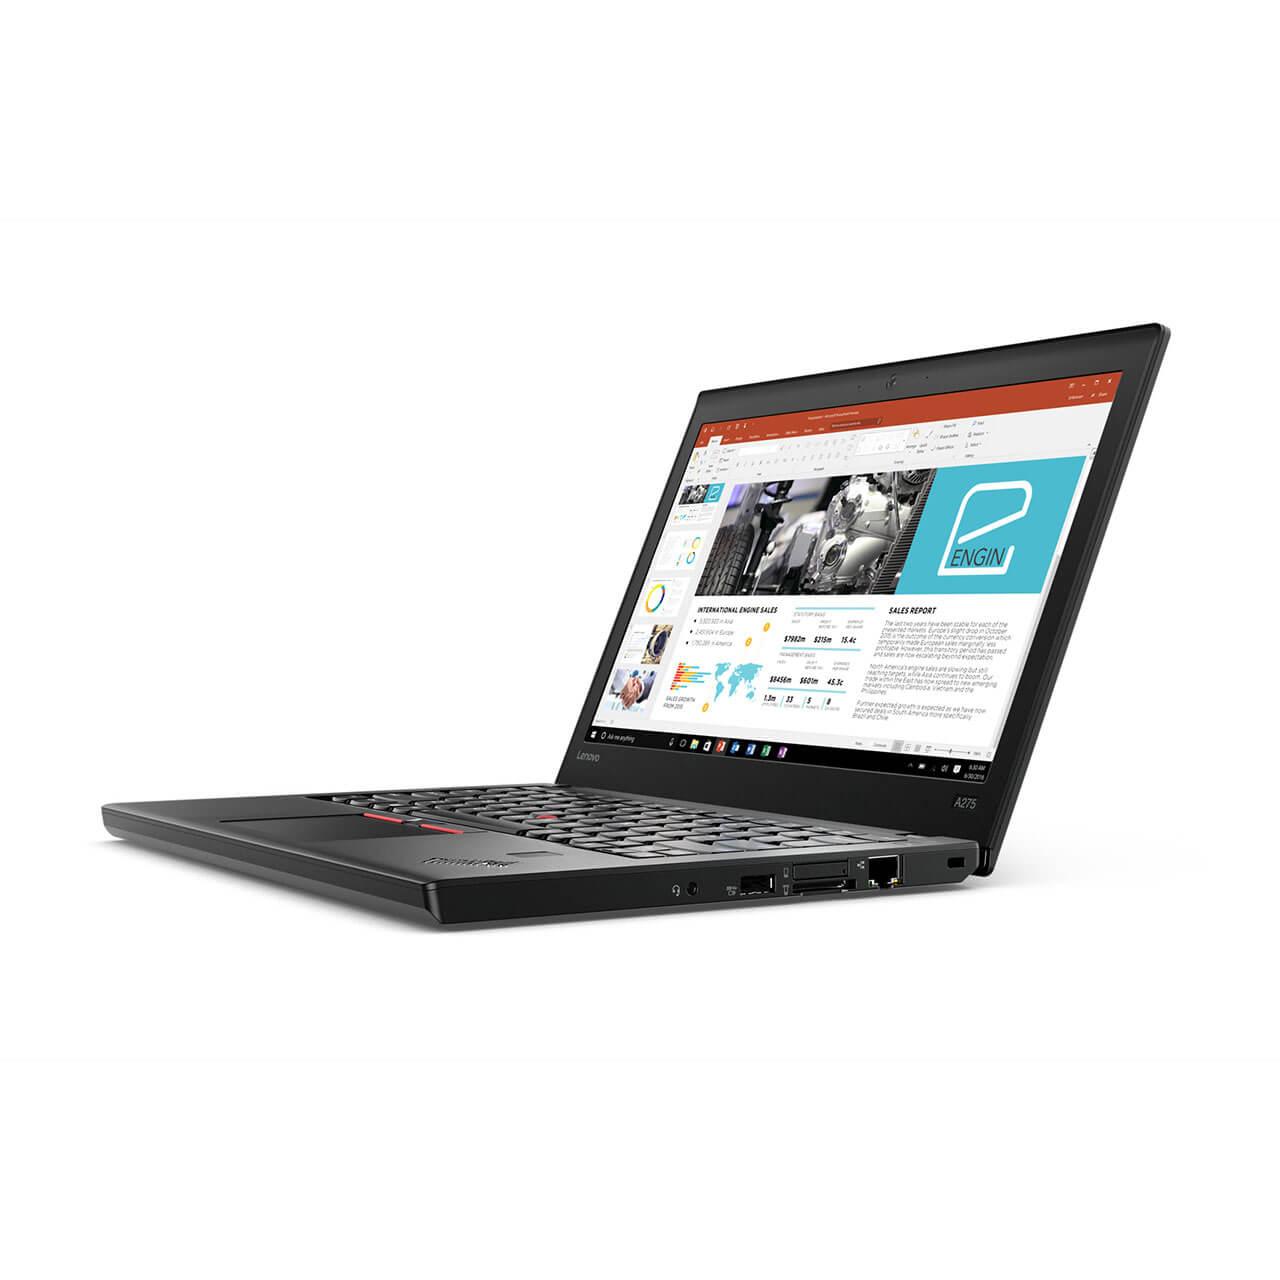 """Lenovo ThinkPad A275, 12.5"""", AMD A12-9800B -9800B, 8GB DDR4 RAM, 256GB SSD, Win 10 Pro 64 1"""